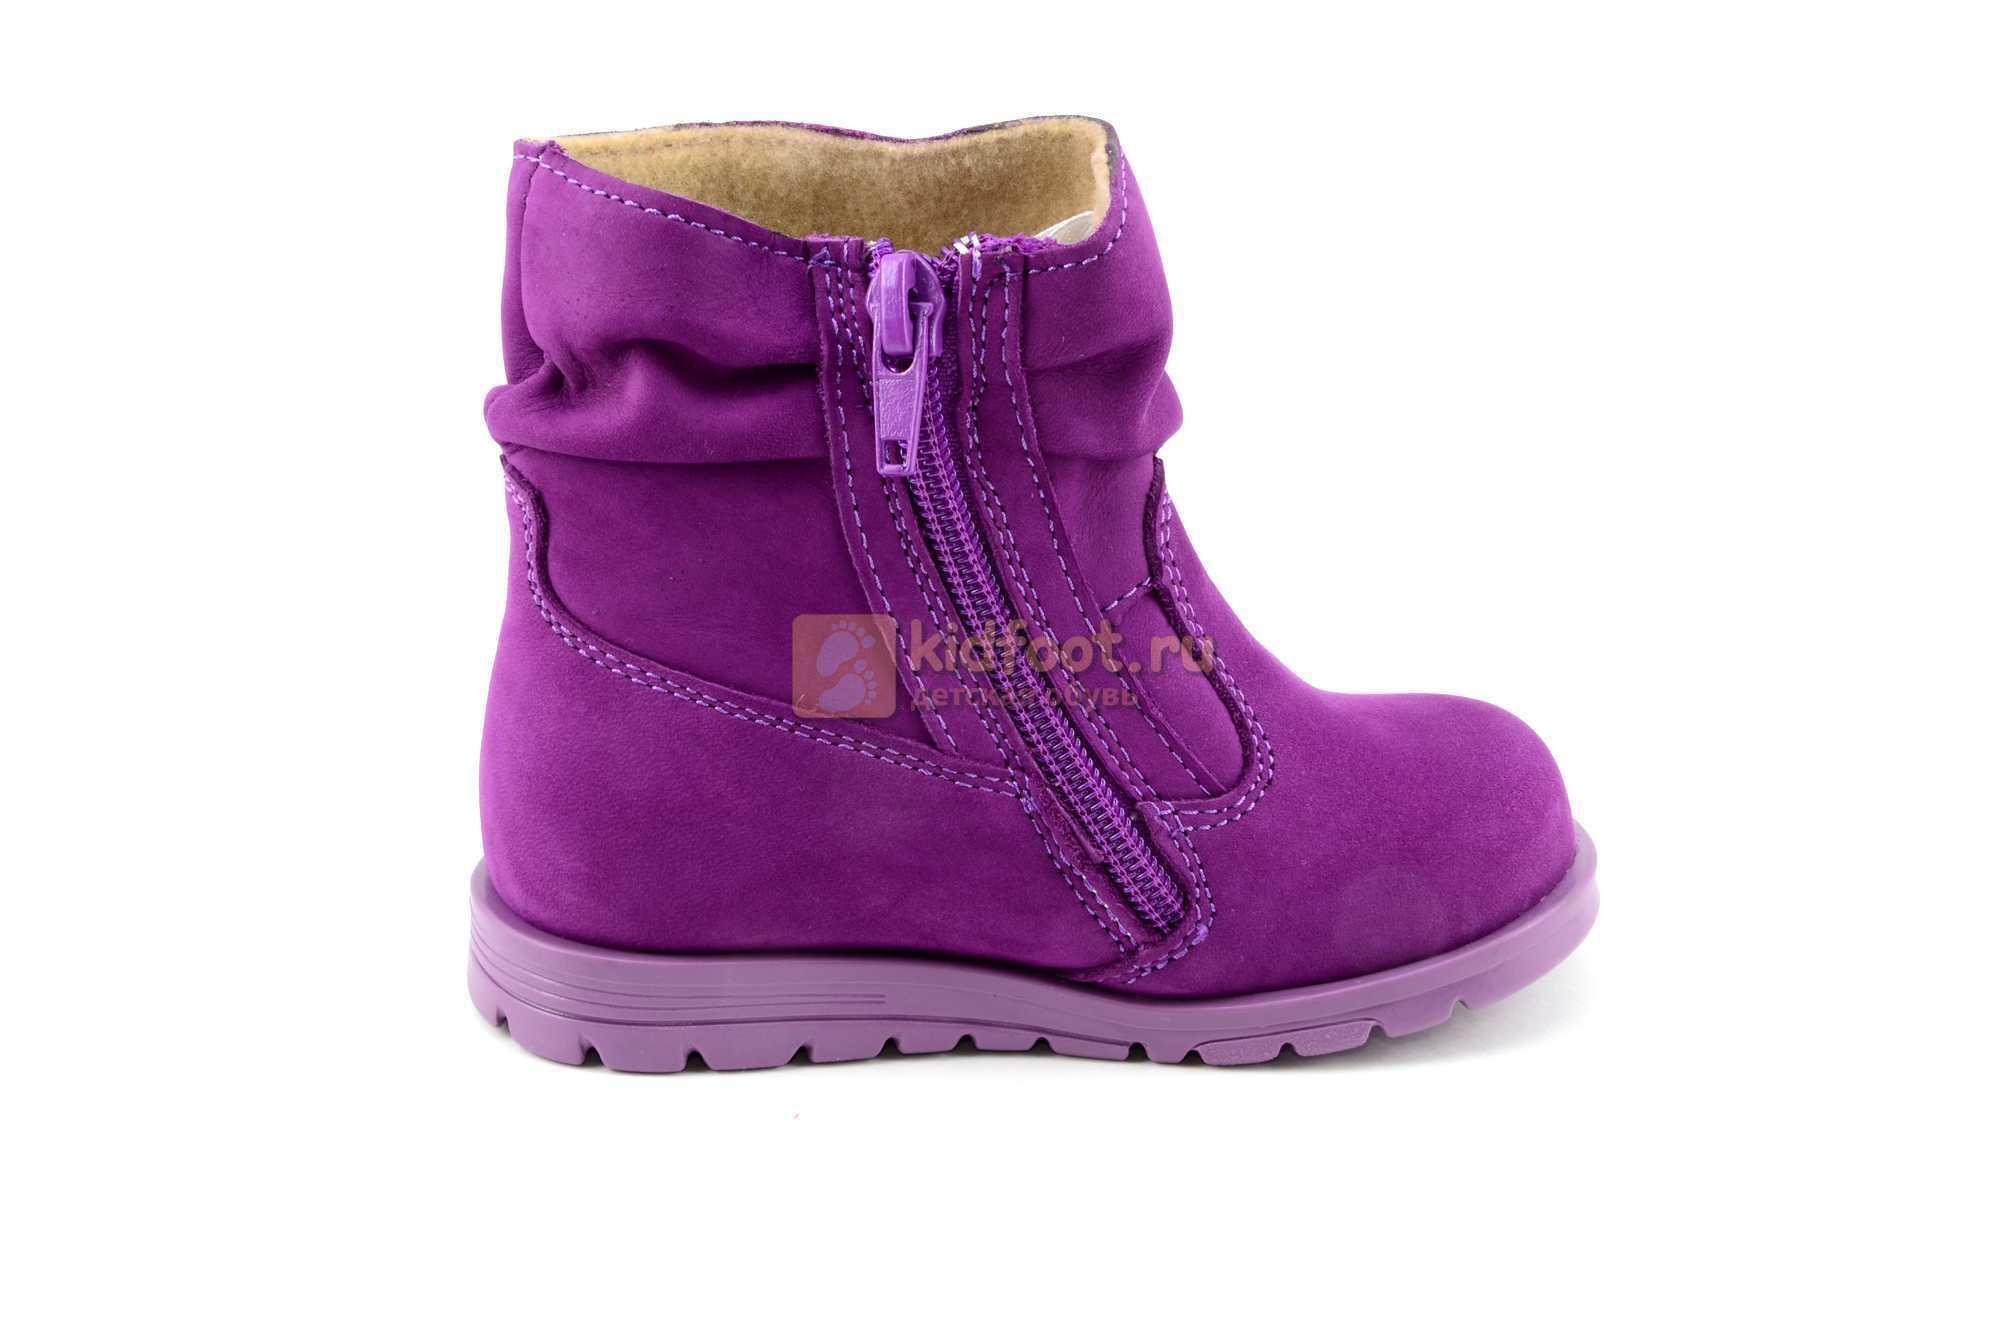 Полусапожки демисезонные Тотто из натуральной кожи на байке для девочек, цвет фиолетовый